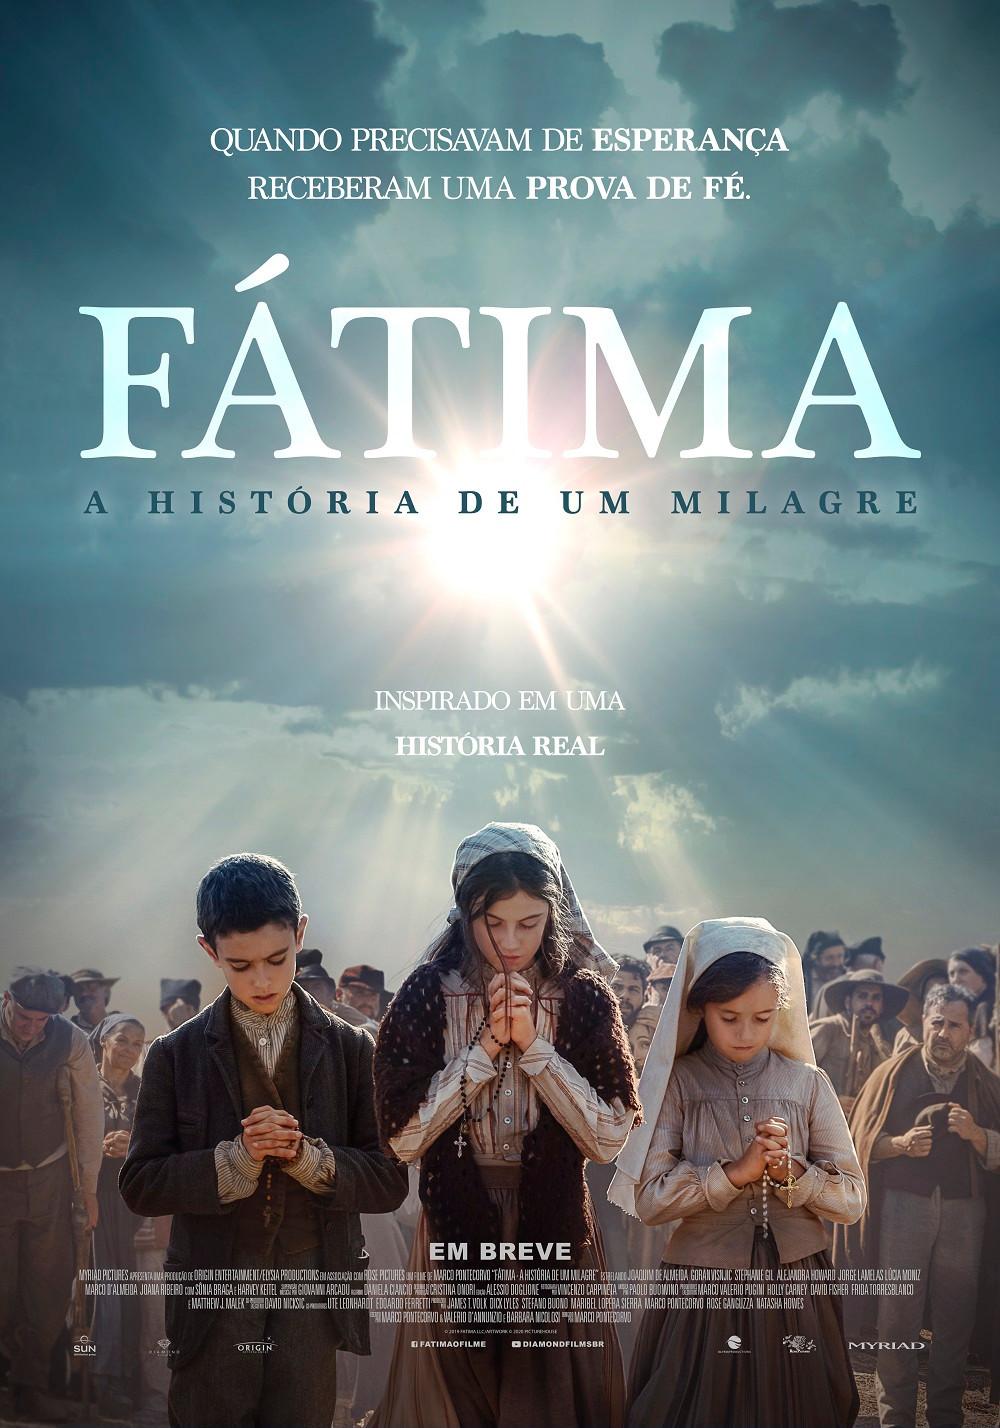 Pôster do filme Fátima – A História de um Milagre | Divulgação (Diamond Films)